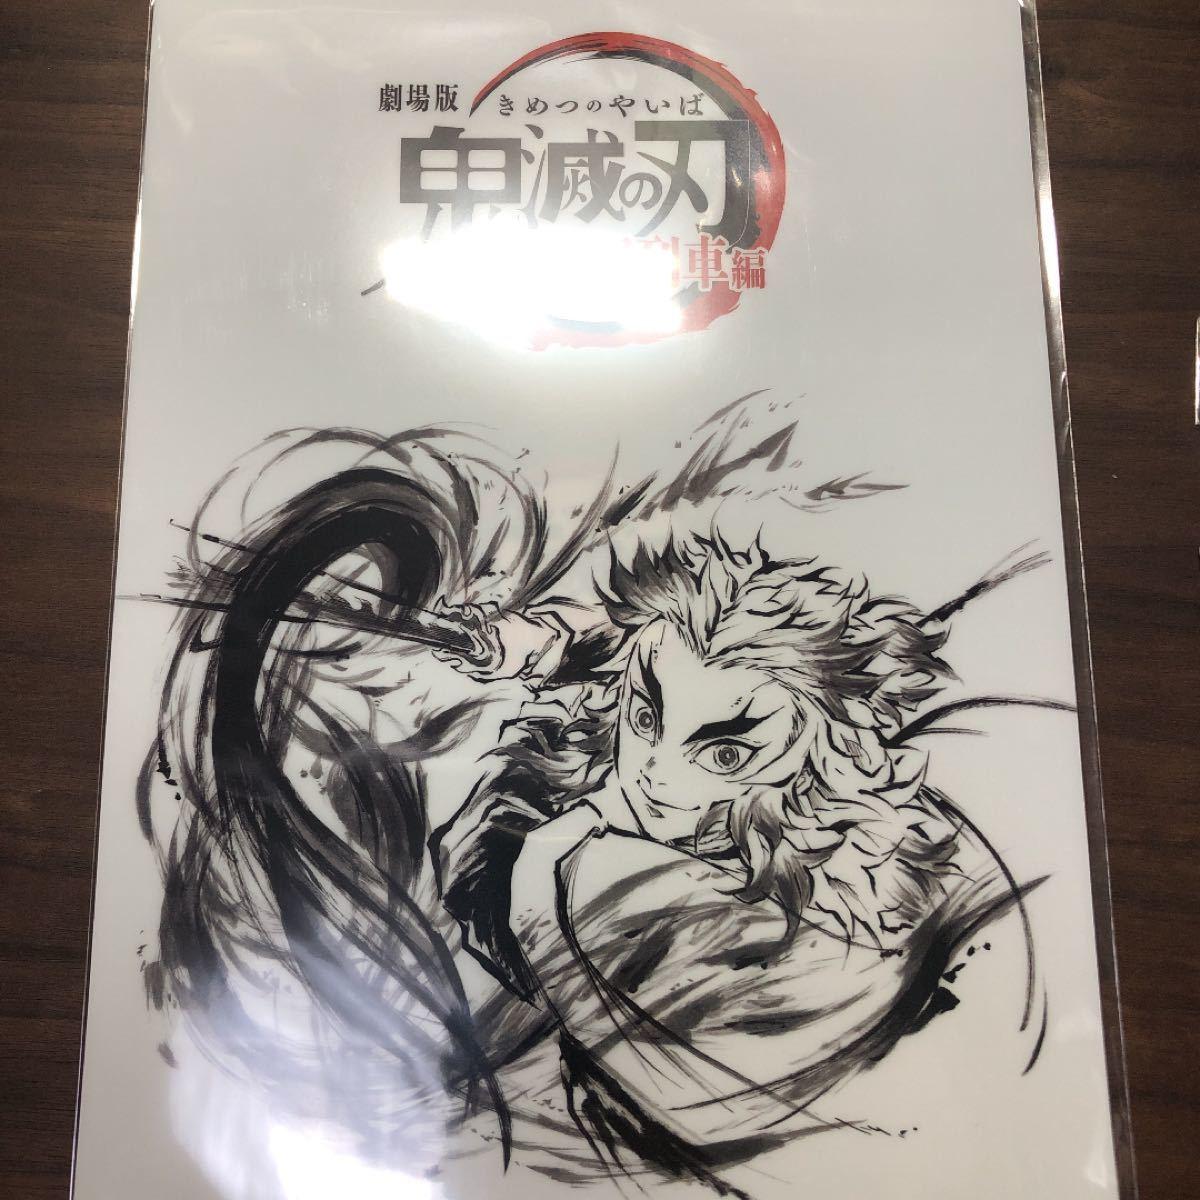 鬼滅の刃 無限列車編 クリアファイル ファイル 煉獄杏寿郎 映画